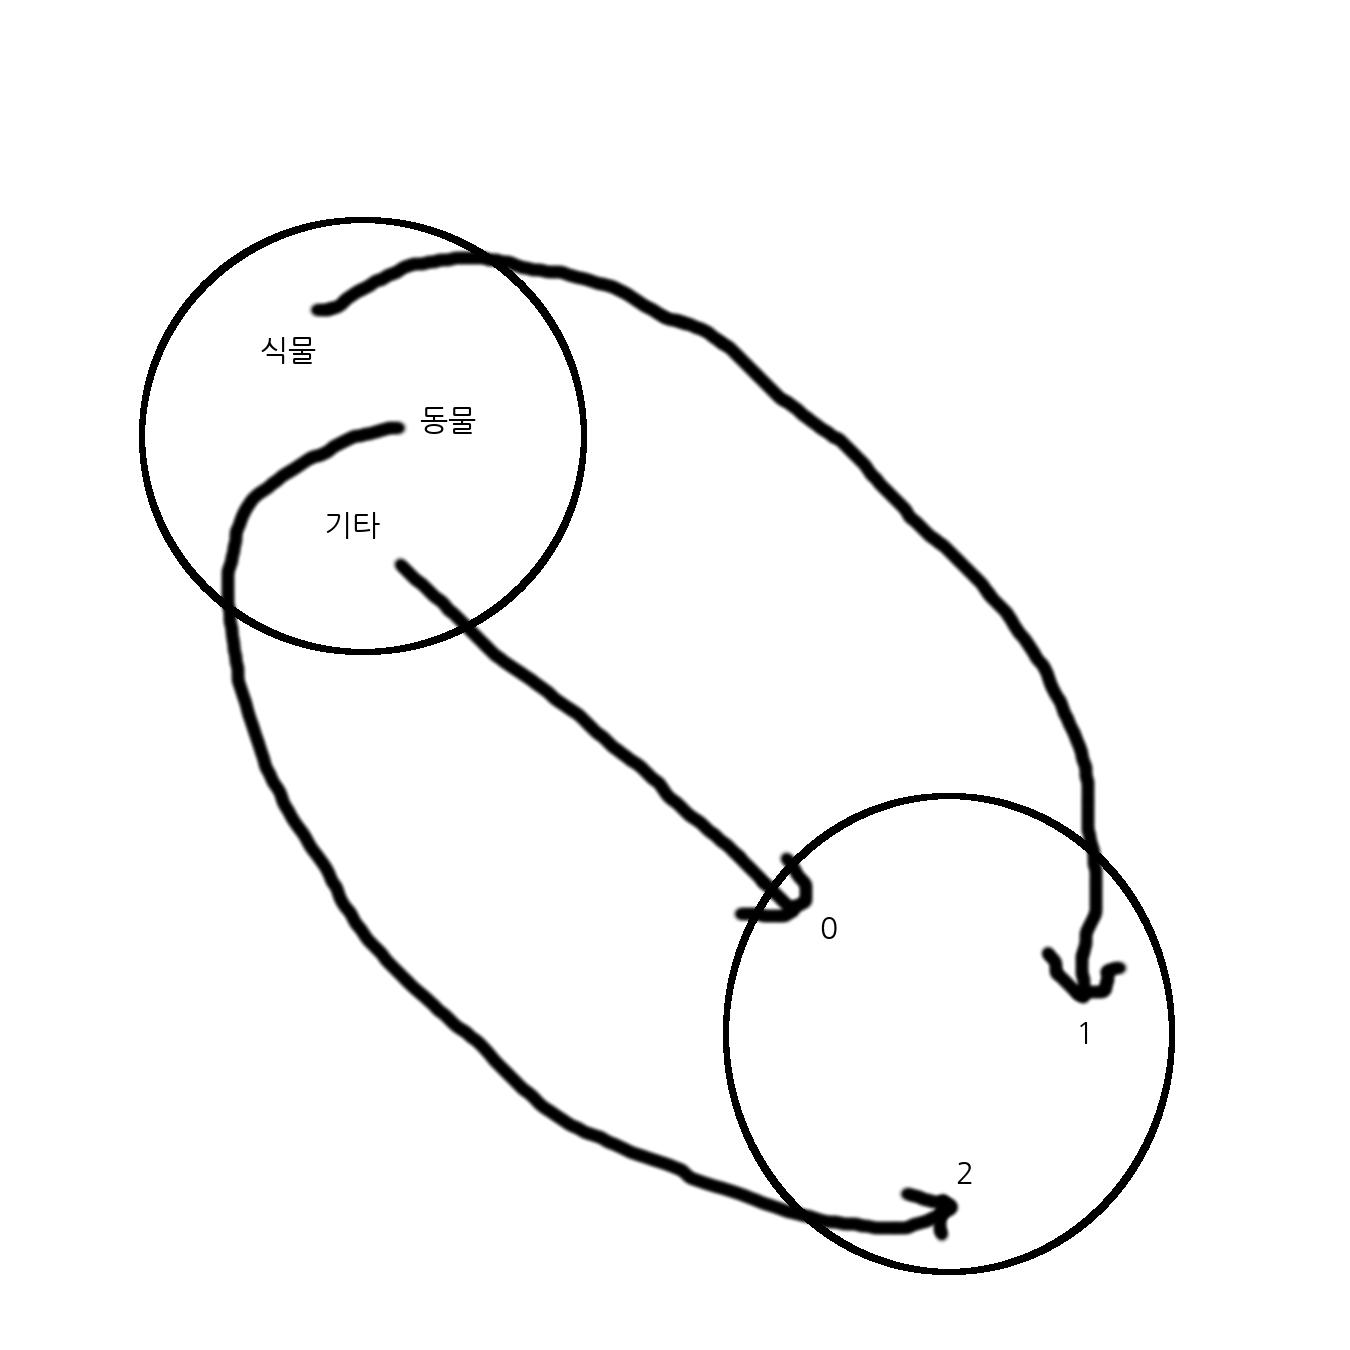 함수의 예시: 식물 -> 1, 동물 -> 2, 기타 -> 0